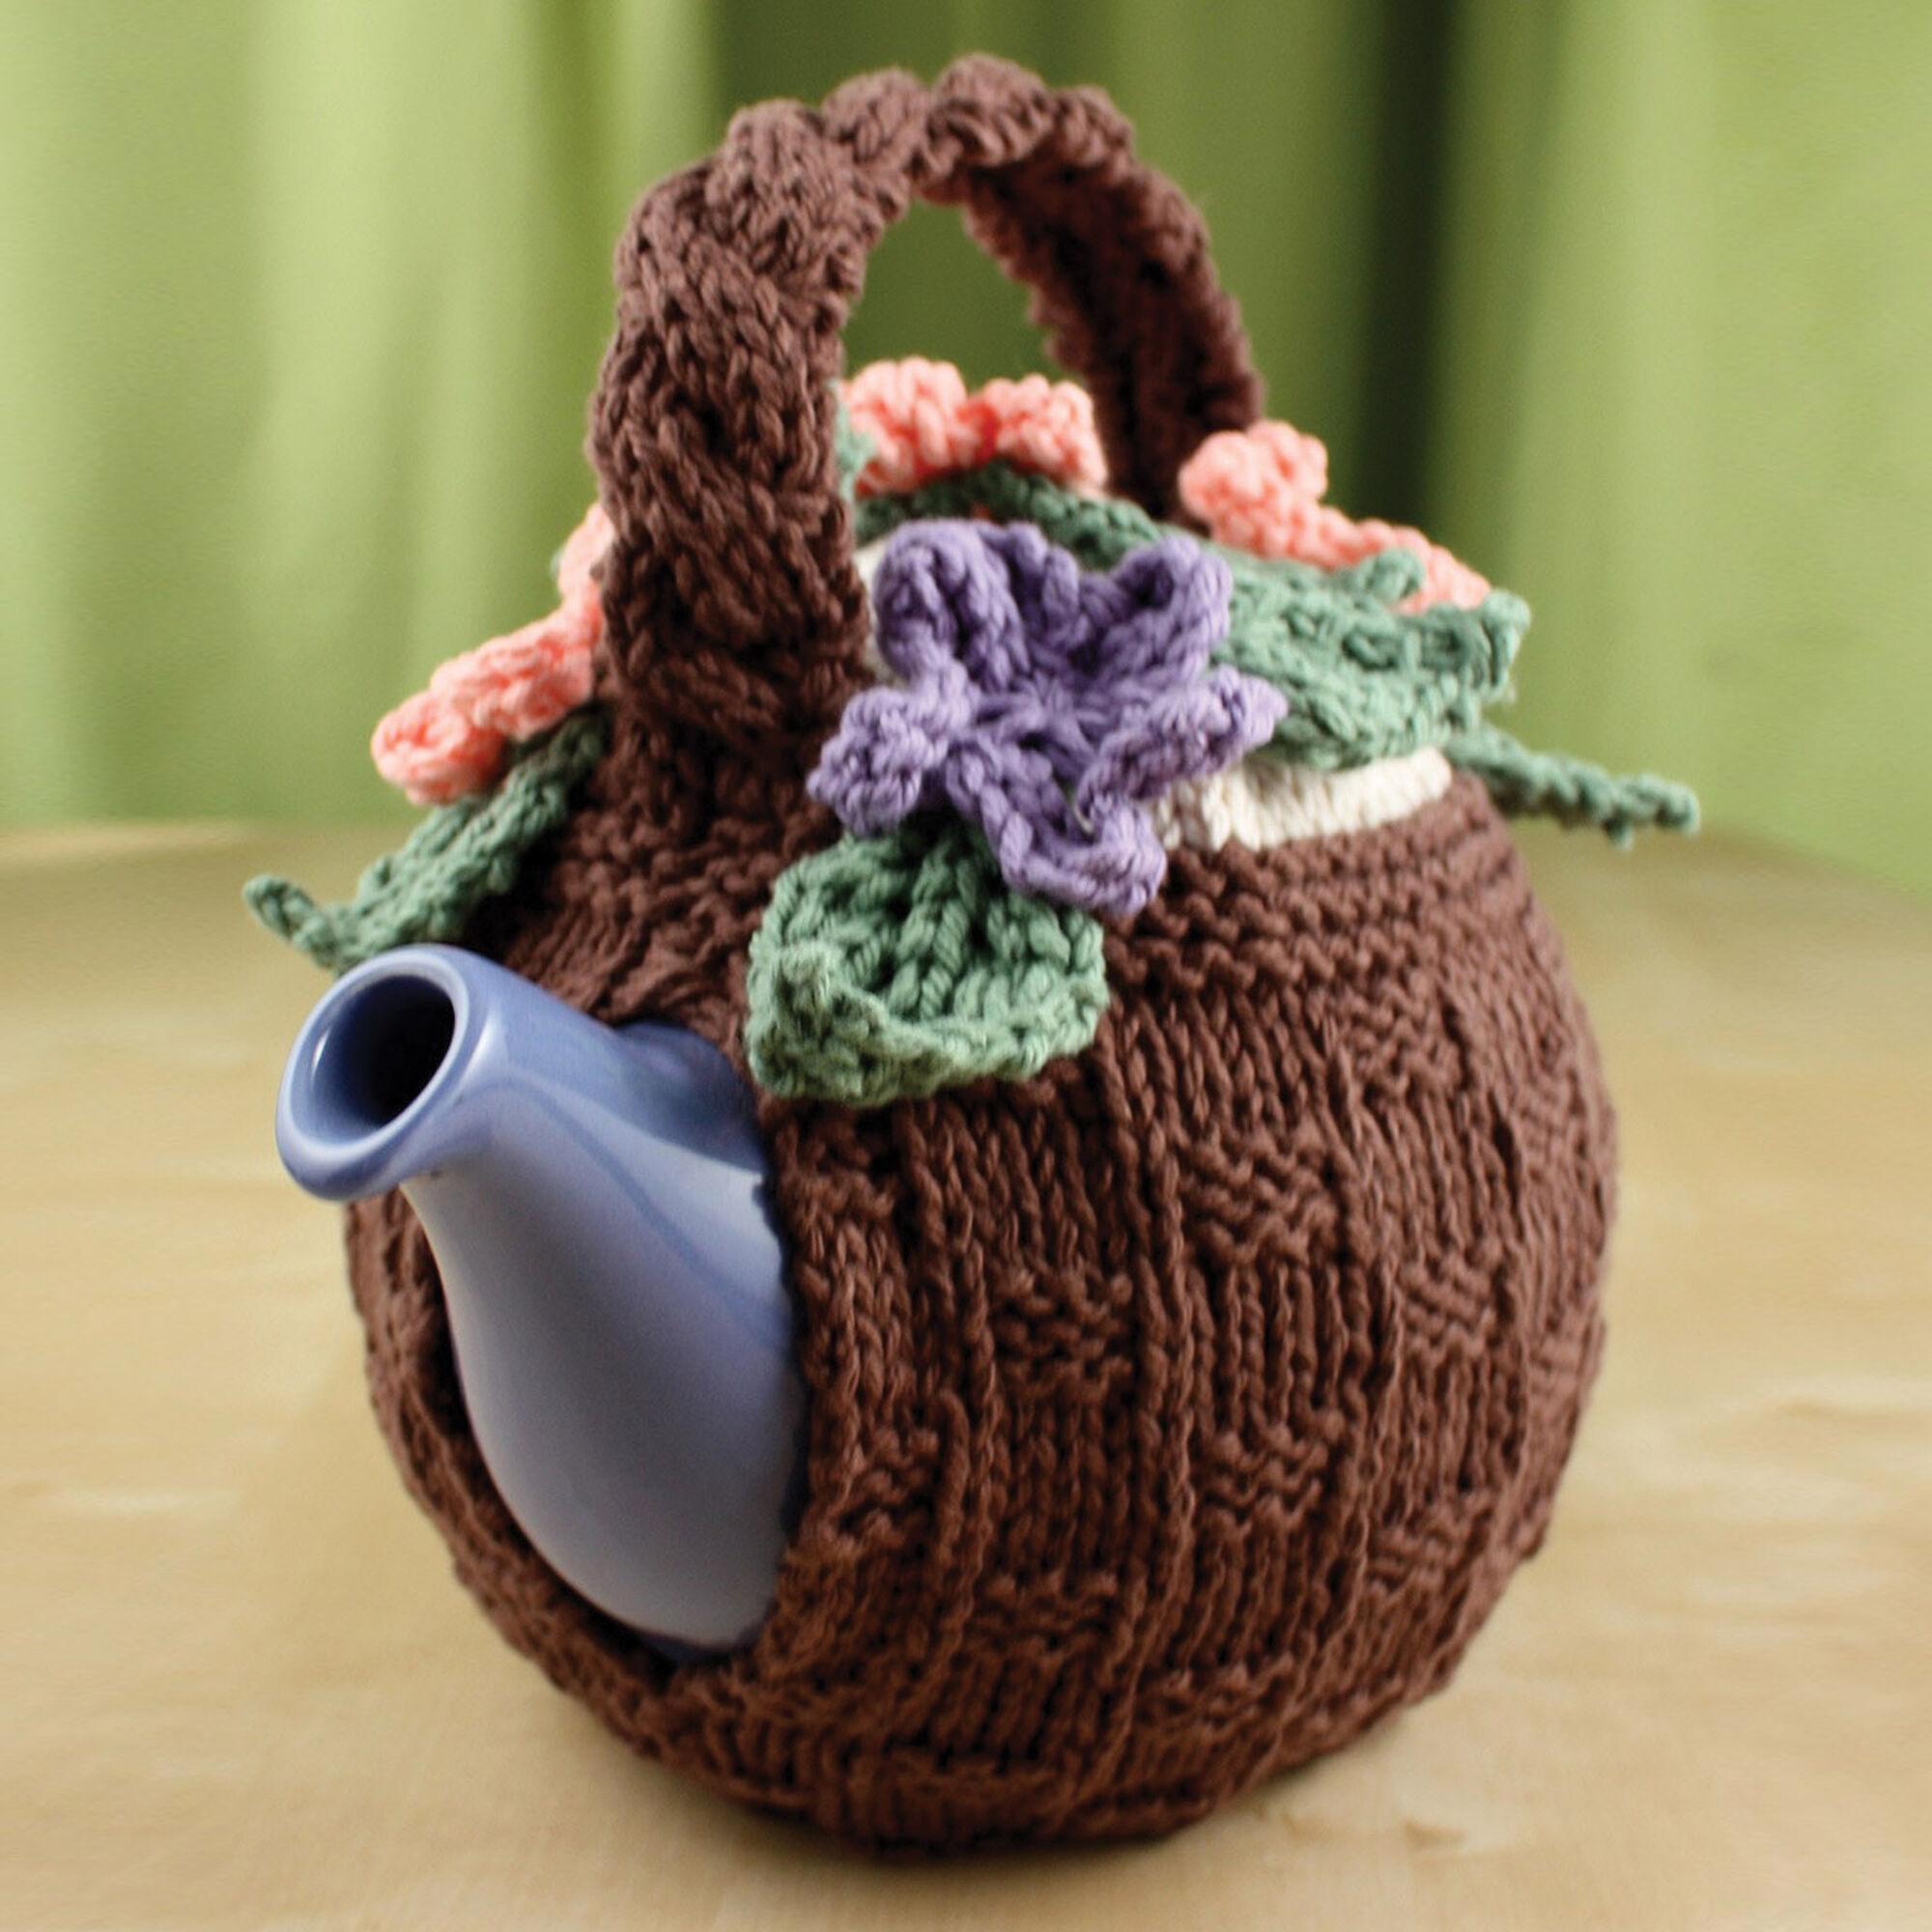 Lily Sugar\'n Cream Flower Basket Tea Cozy   Yarnspirations